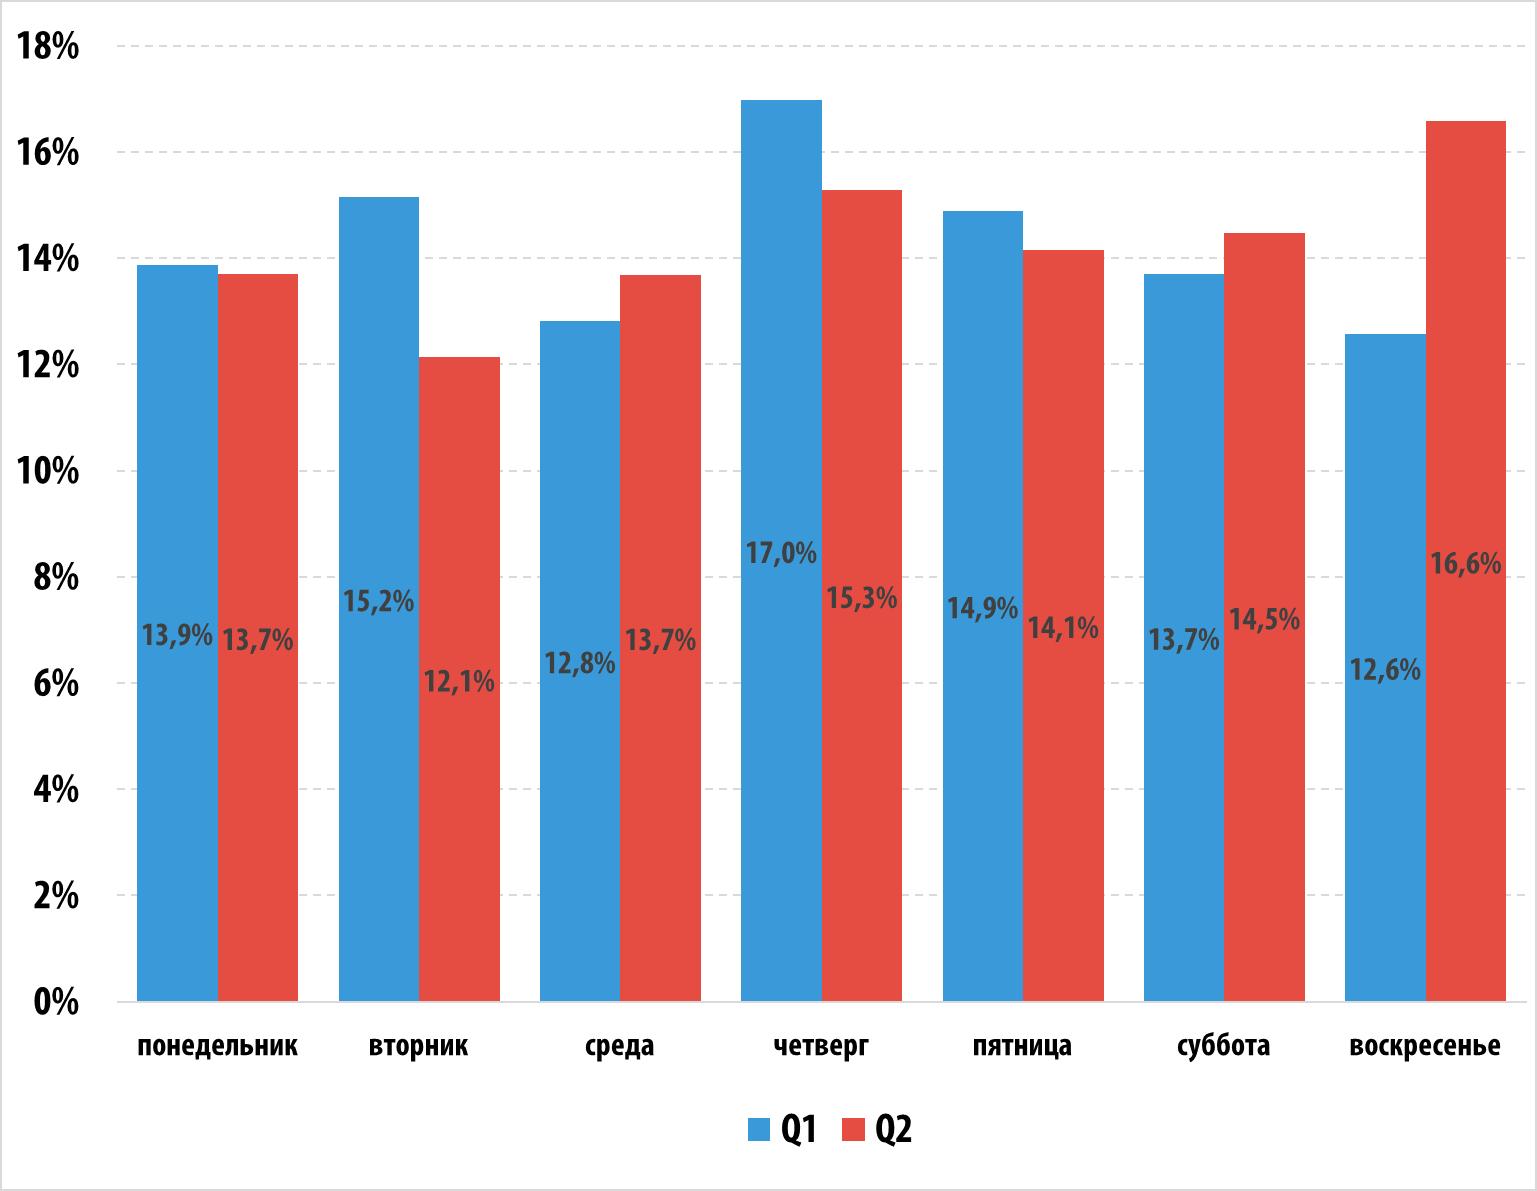 DDoS-атаки во втором квартале 2015 года